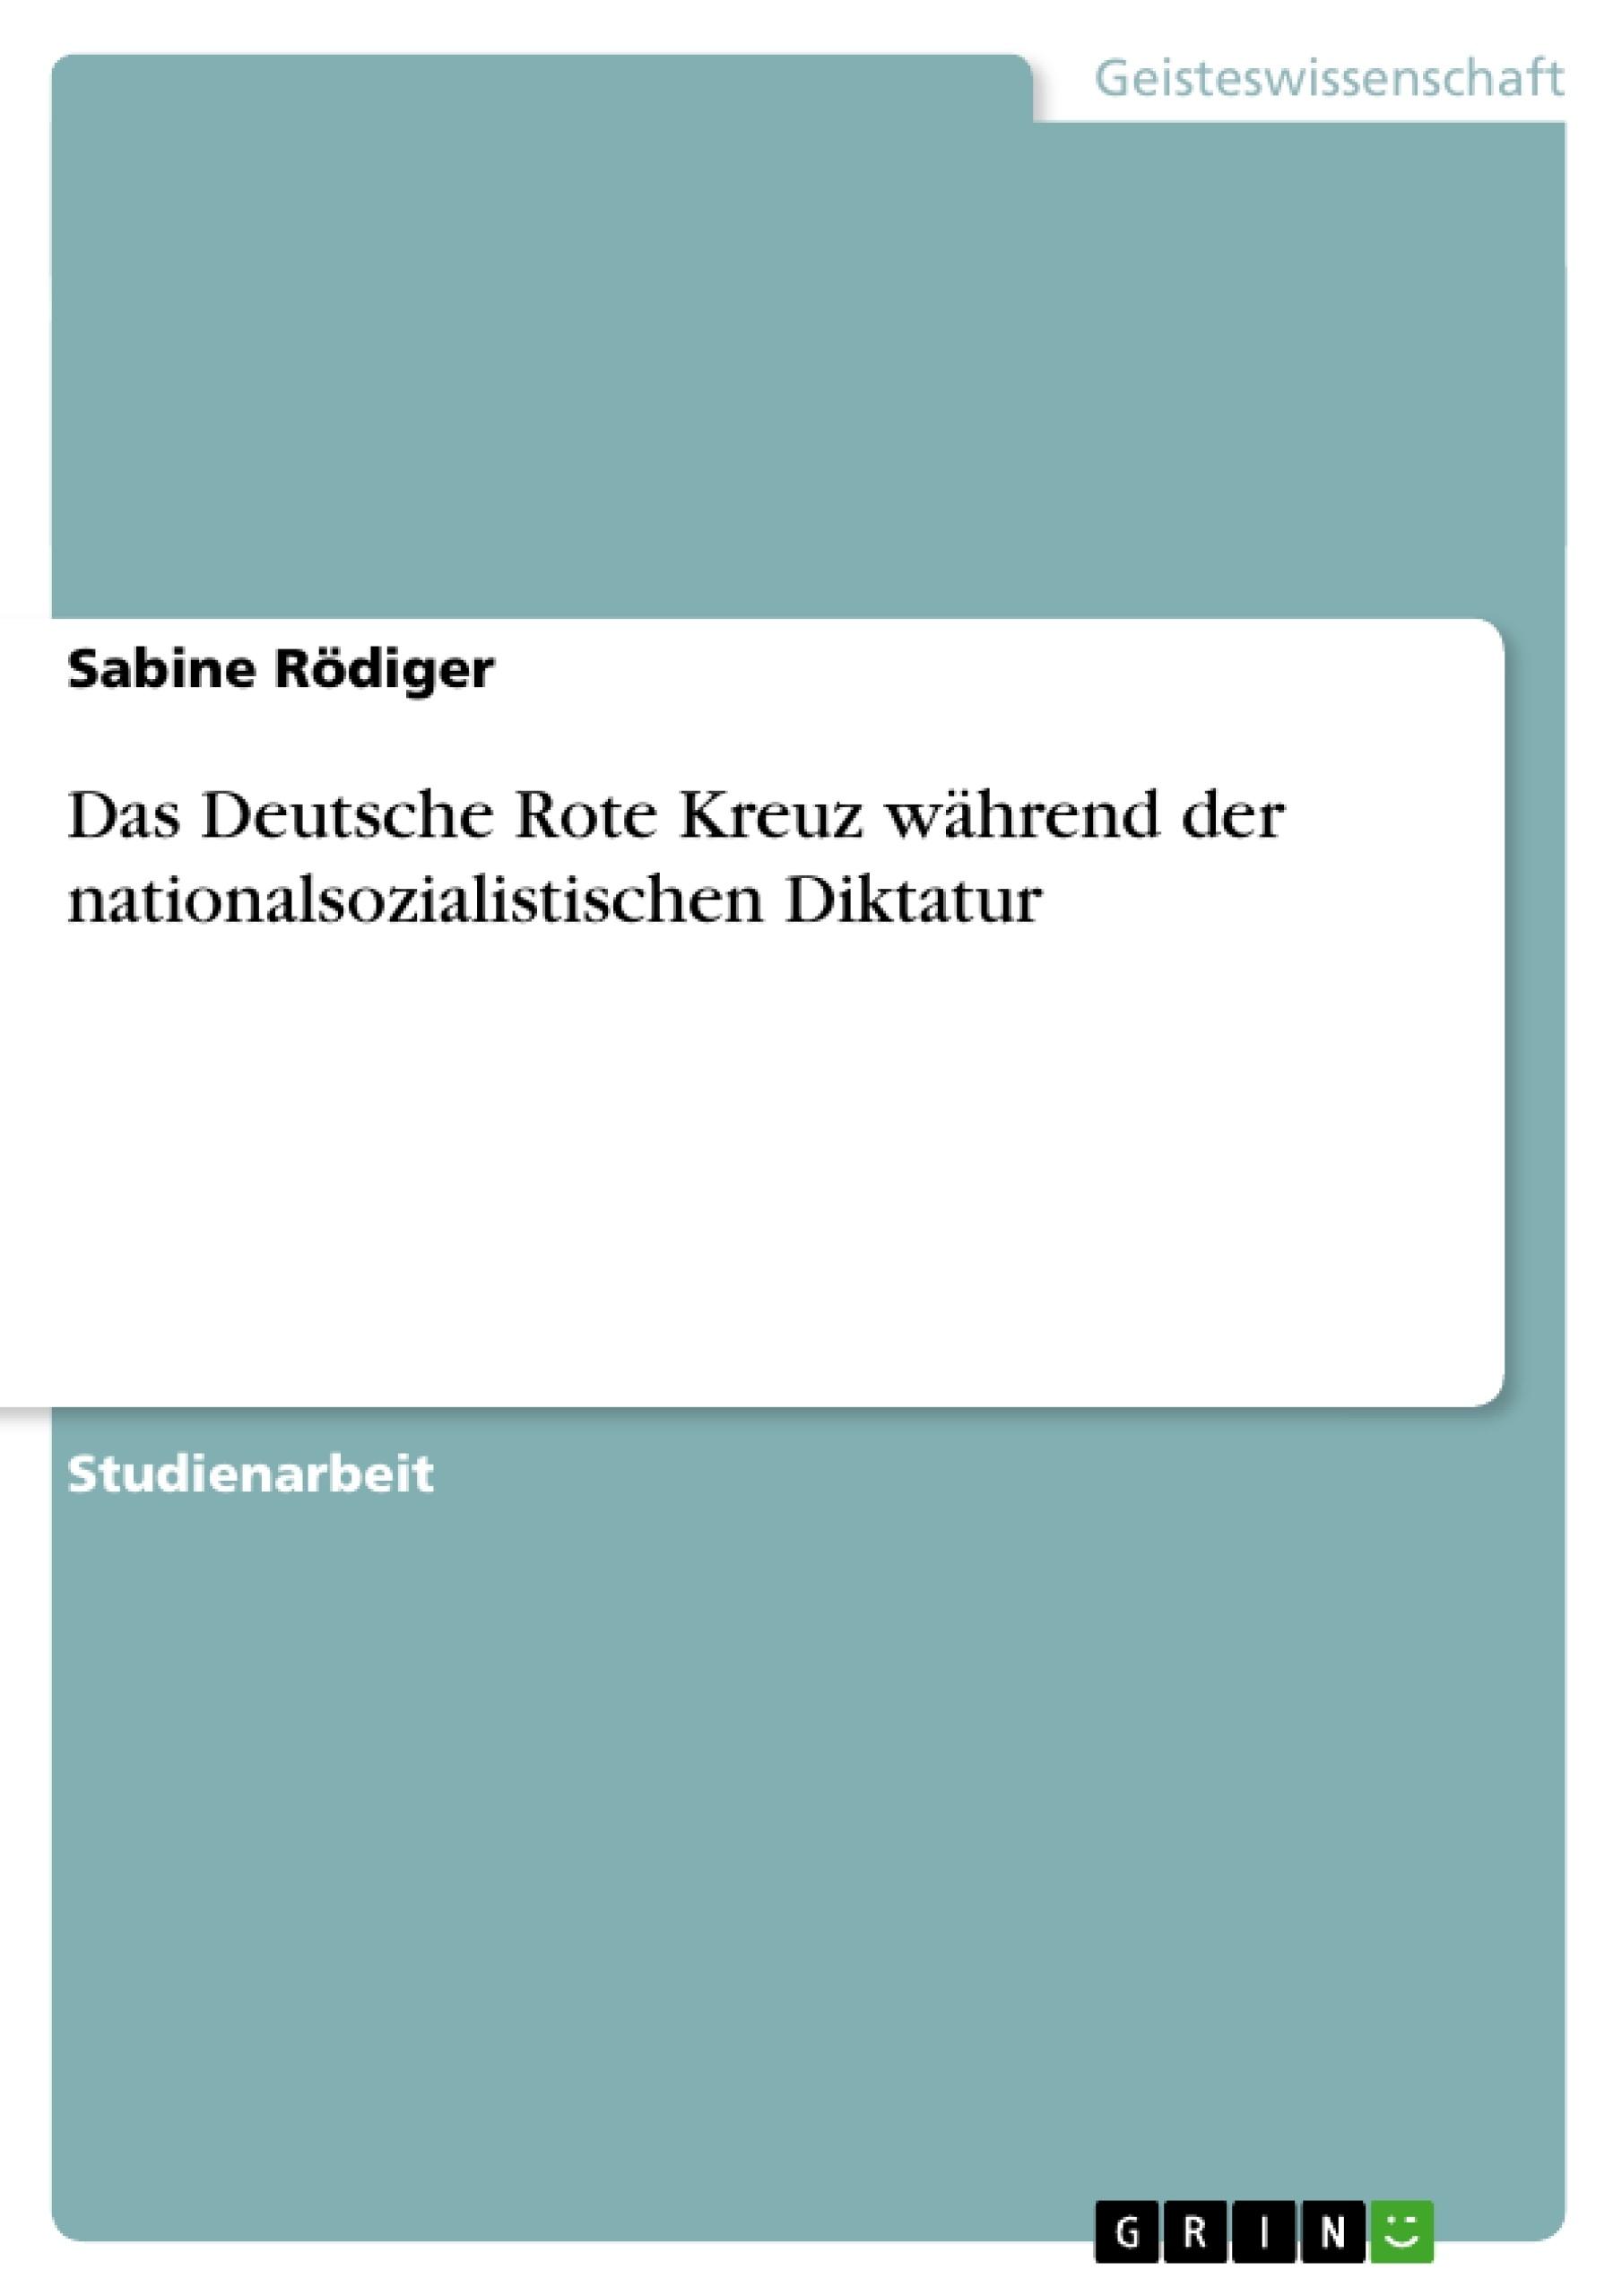 Titel: Das Deutsche Rote Kreuz während der nationalsozialistischen Diktatur